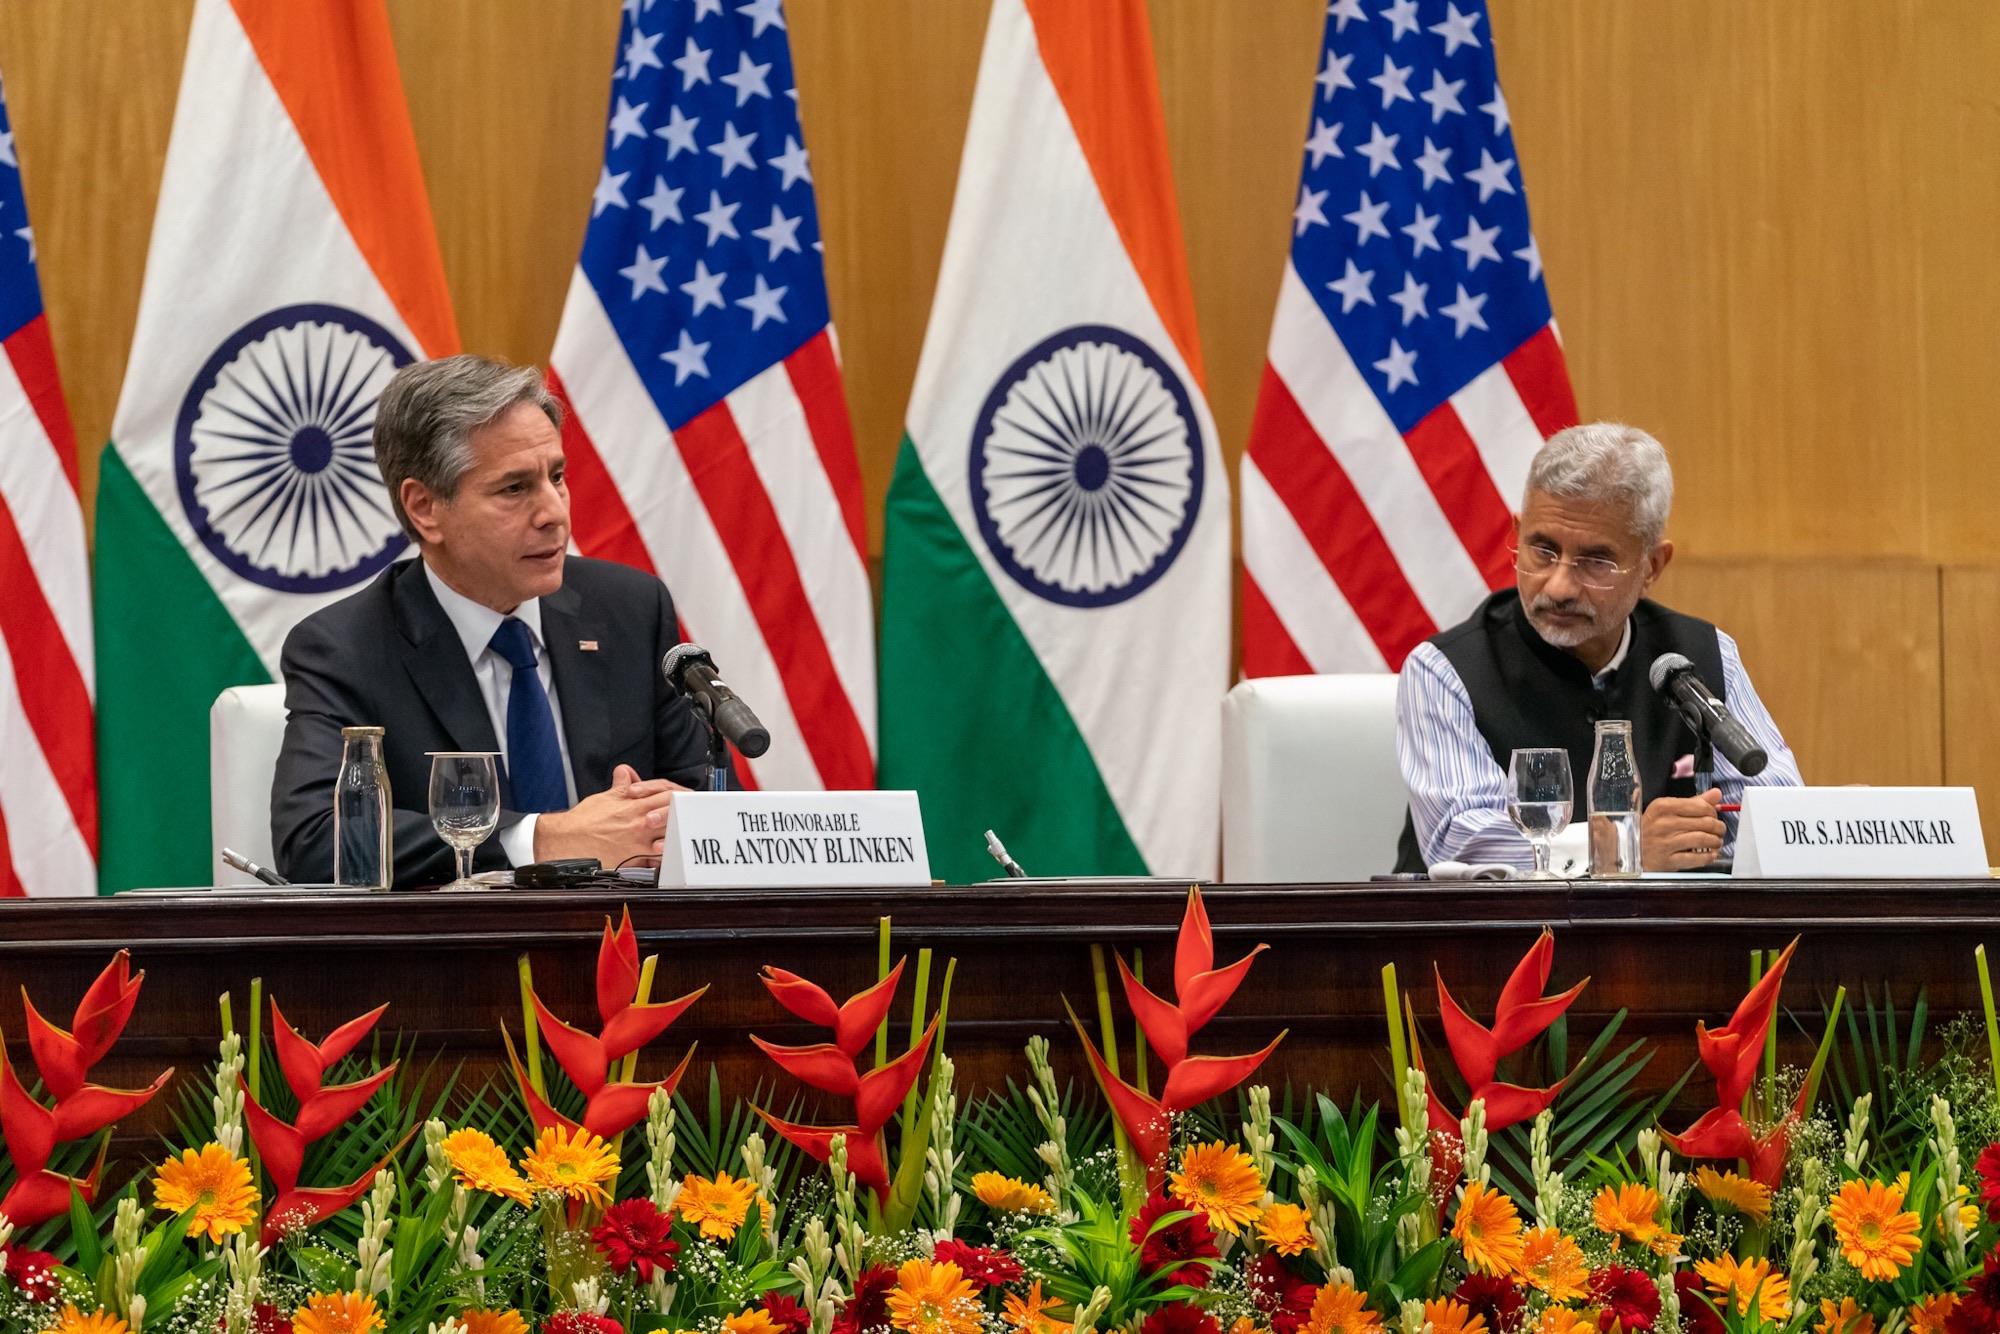 ब्लिंकेनको दिल्ली दौडाहाको मुद्दा बन्यो 'अफगानिस्तान', चिनियाँ विदेशमन्त्रीद्वारा तालिवानी डेलिगेसनसँग भेट